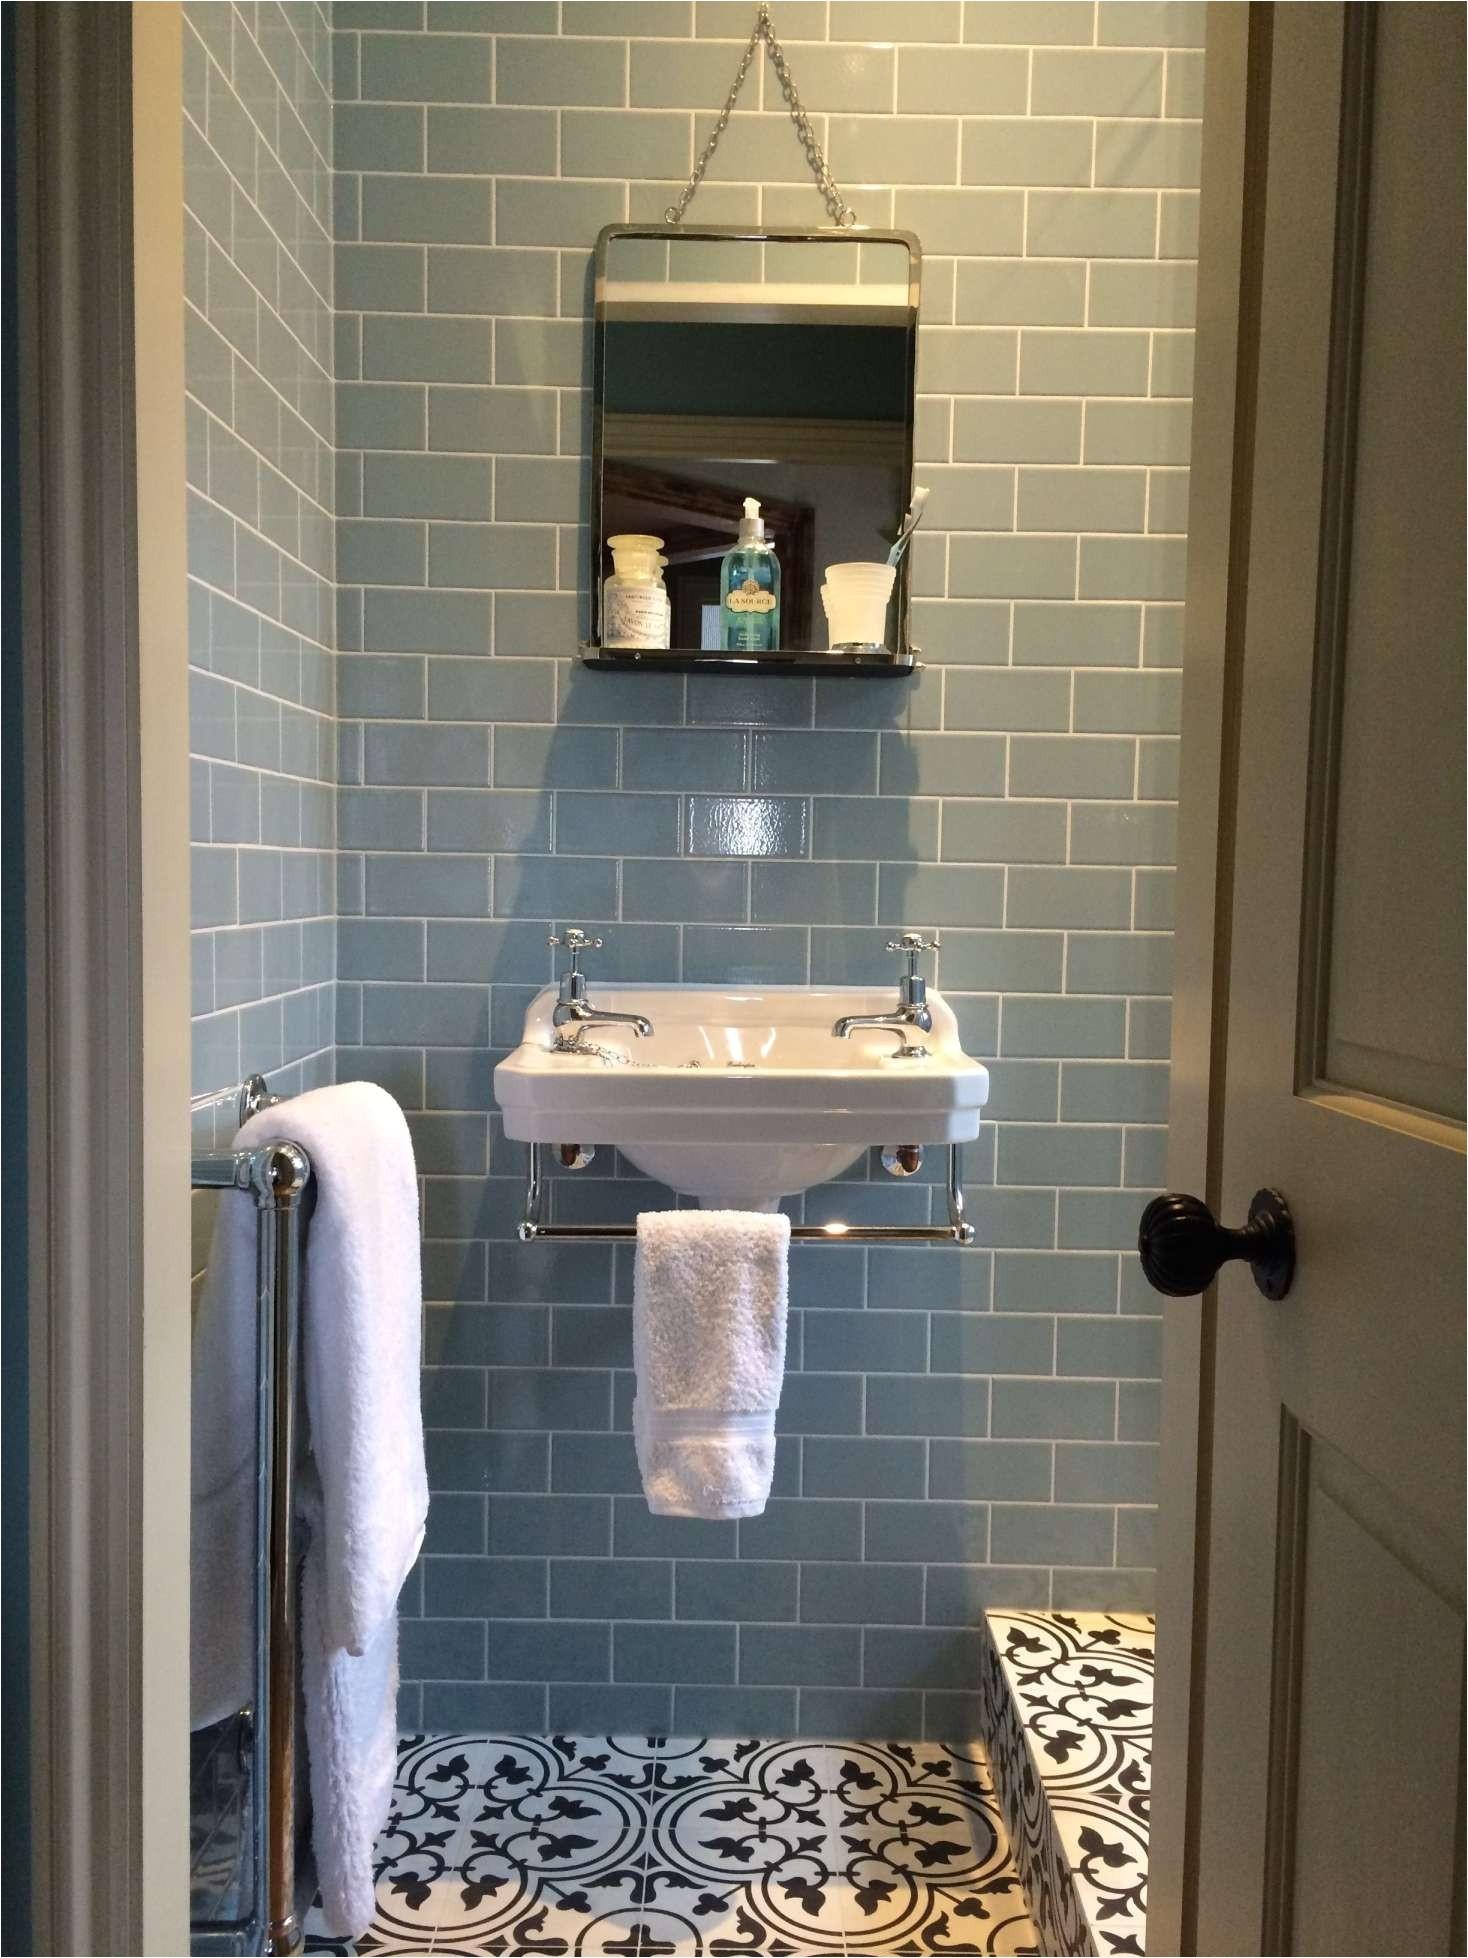 bathroom tile ideas for small bathrooms pictures lovely floor tiles mosaic bathroom 0d new bathroom floor